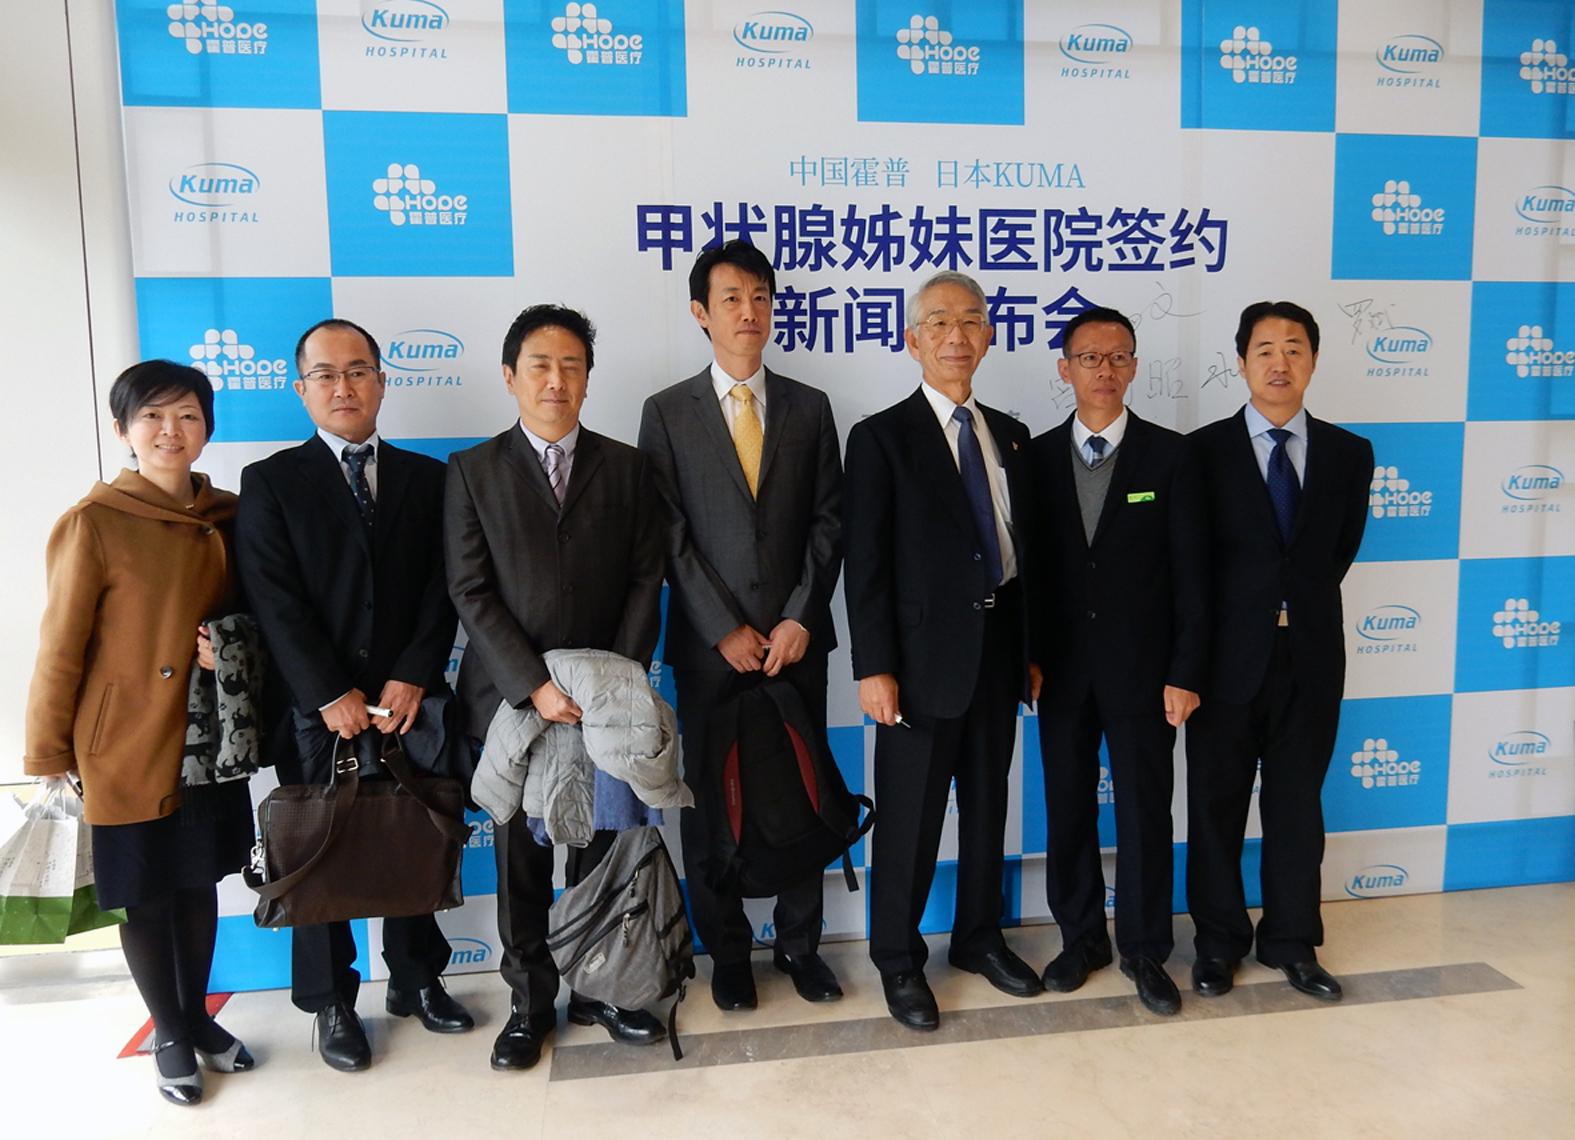 北京Hope Thyroid Hospital訪問団。顔兵院長、姜福亭外科主任(右側の2名)と掲示物の前で記念撮影。